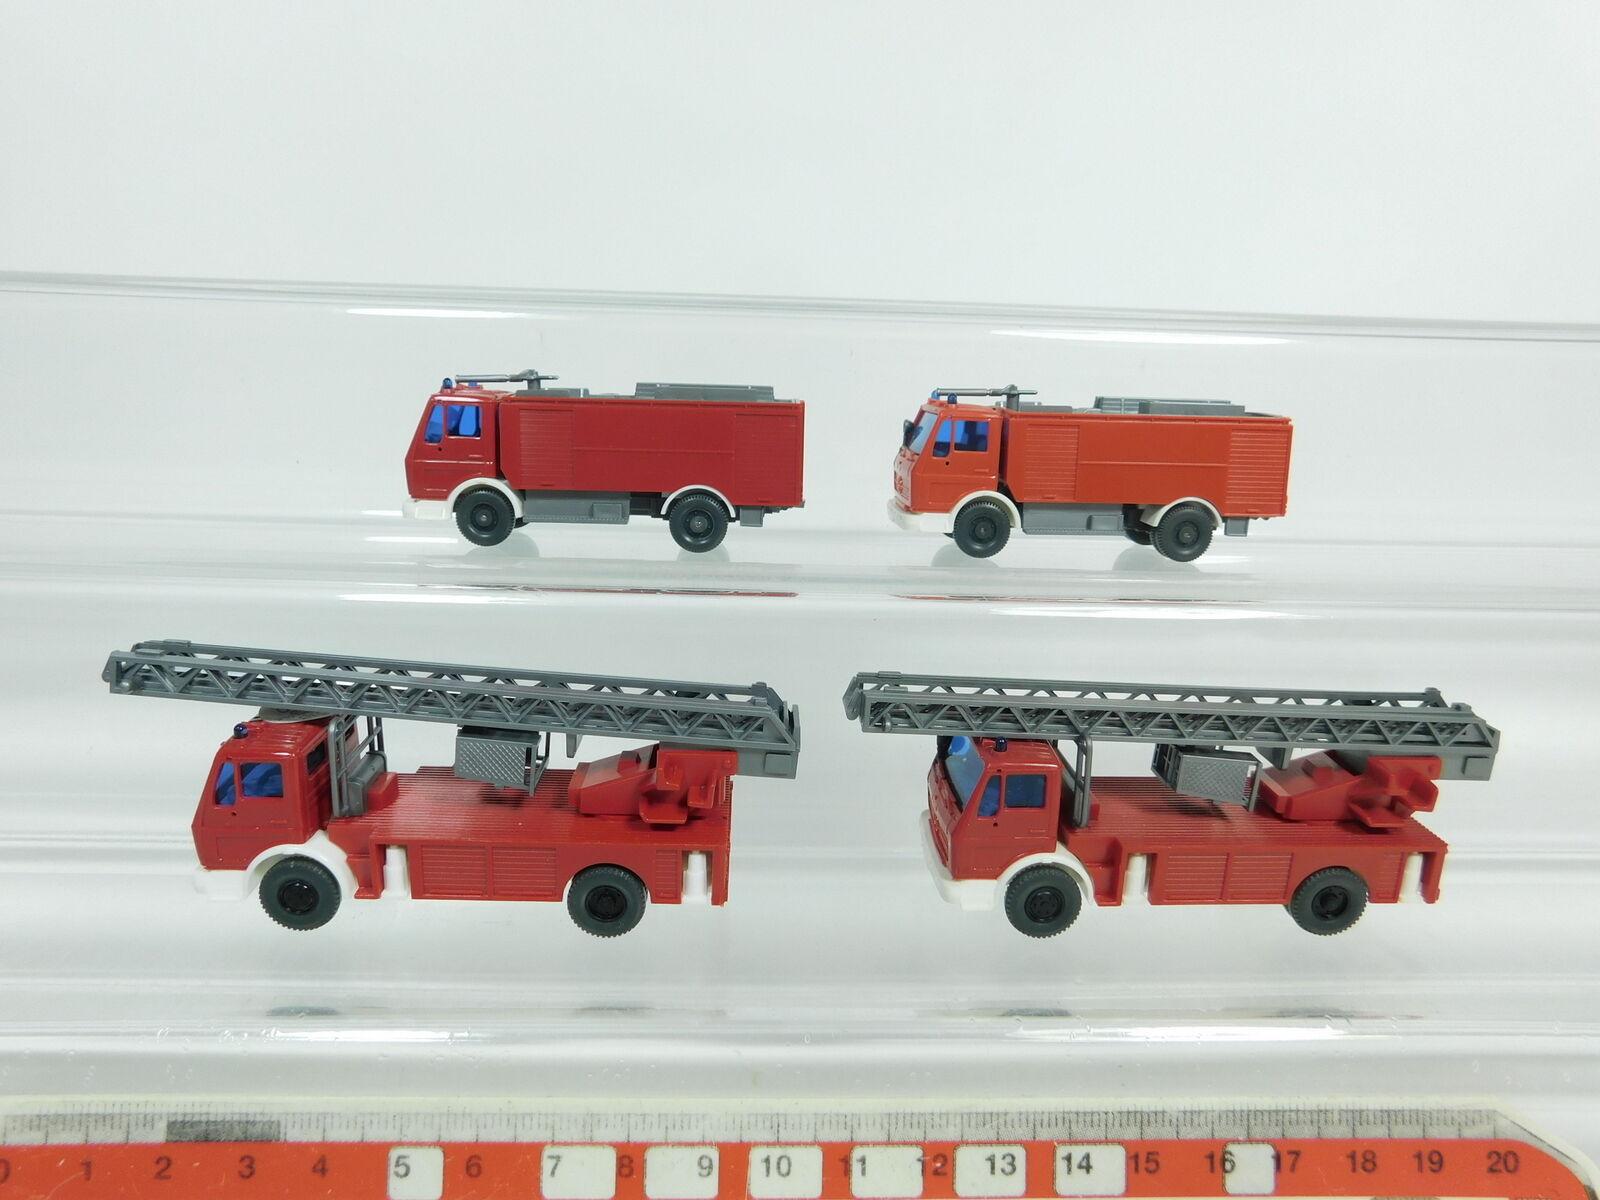 BD351-0,5x BD351-0,5x BD351-0,5x Wiking H0 1 87 Feuerwehr FW-MB  618 Drehleiter+Löschfahrzeug, NEUW f338c2